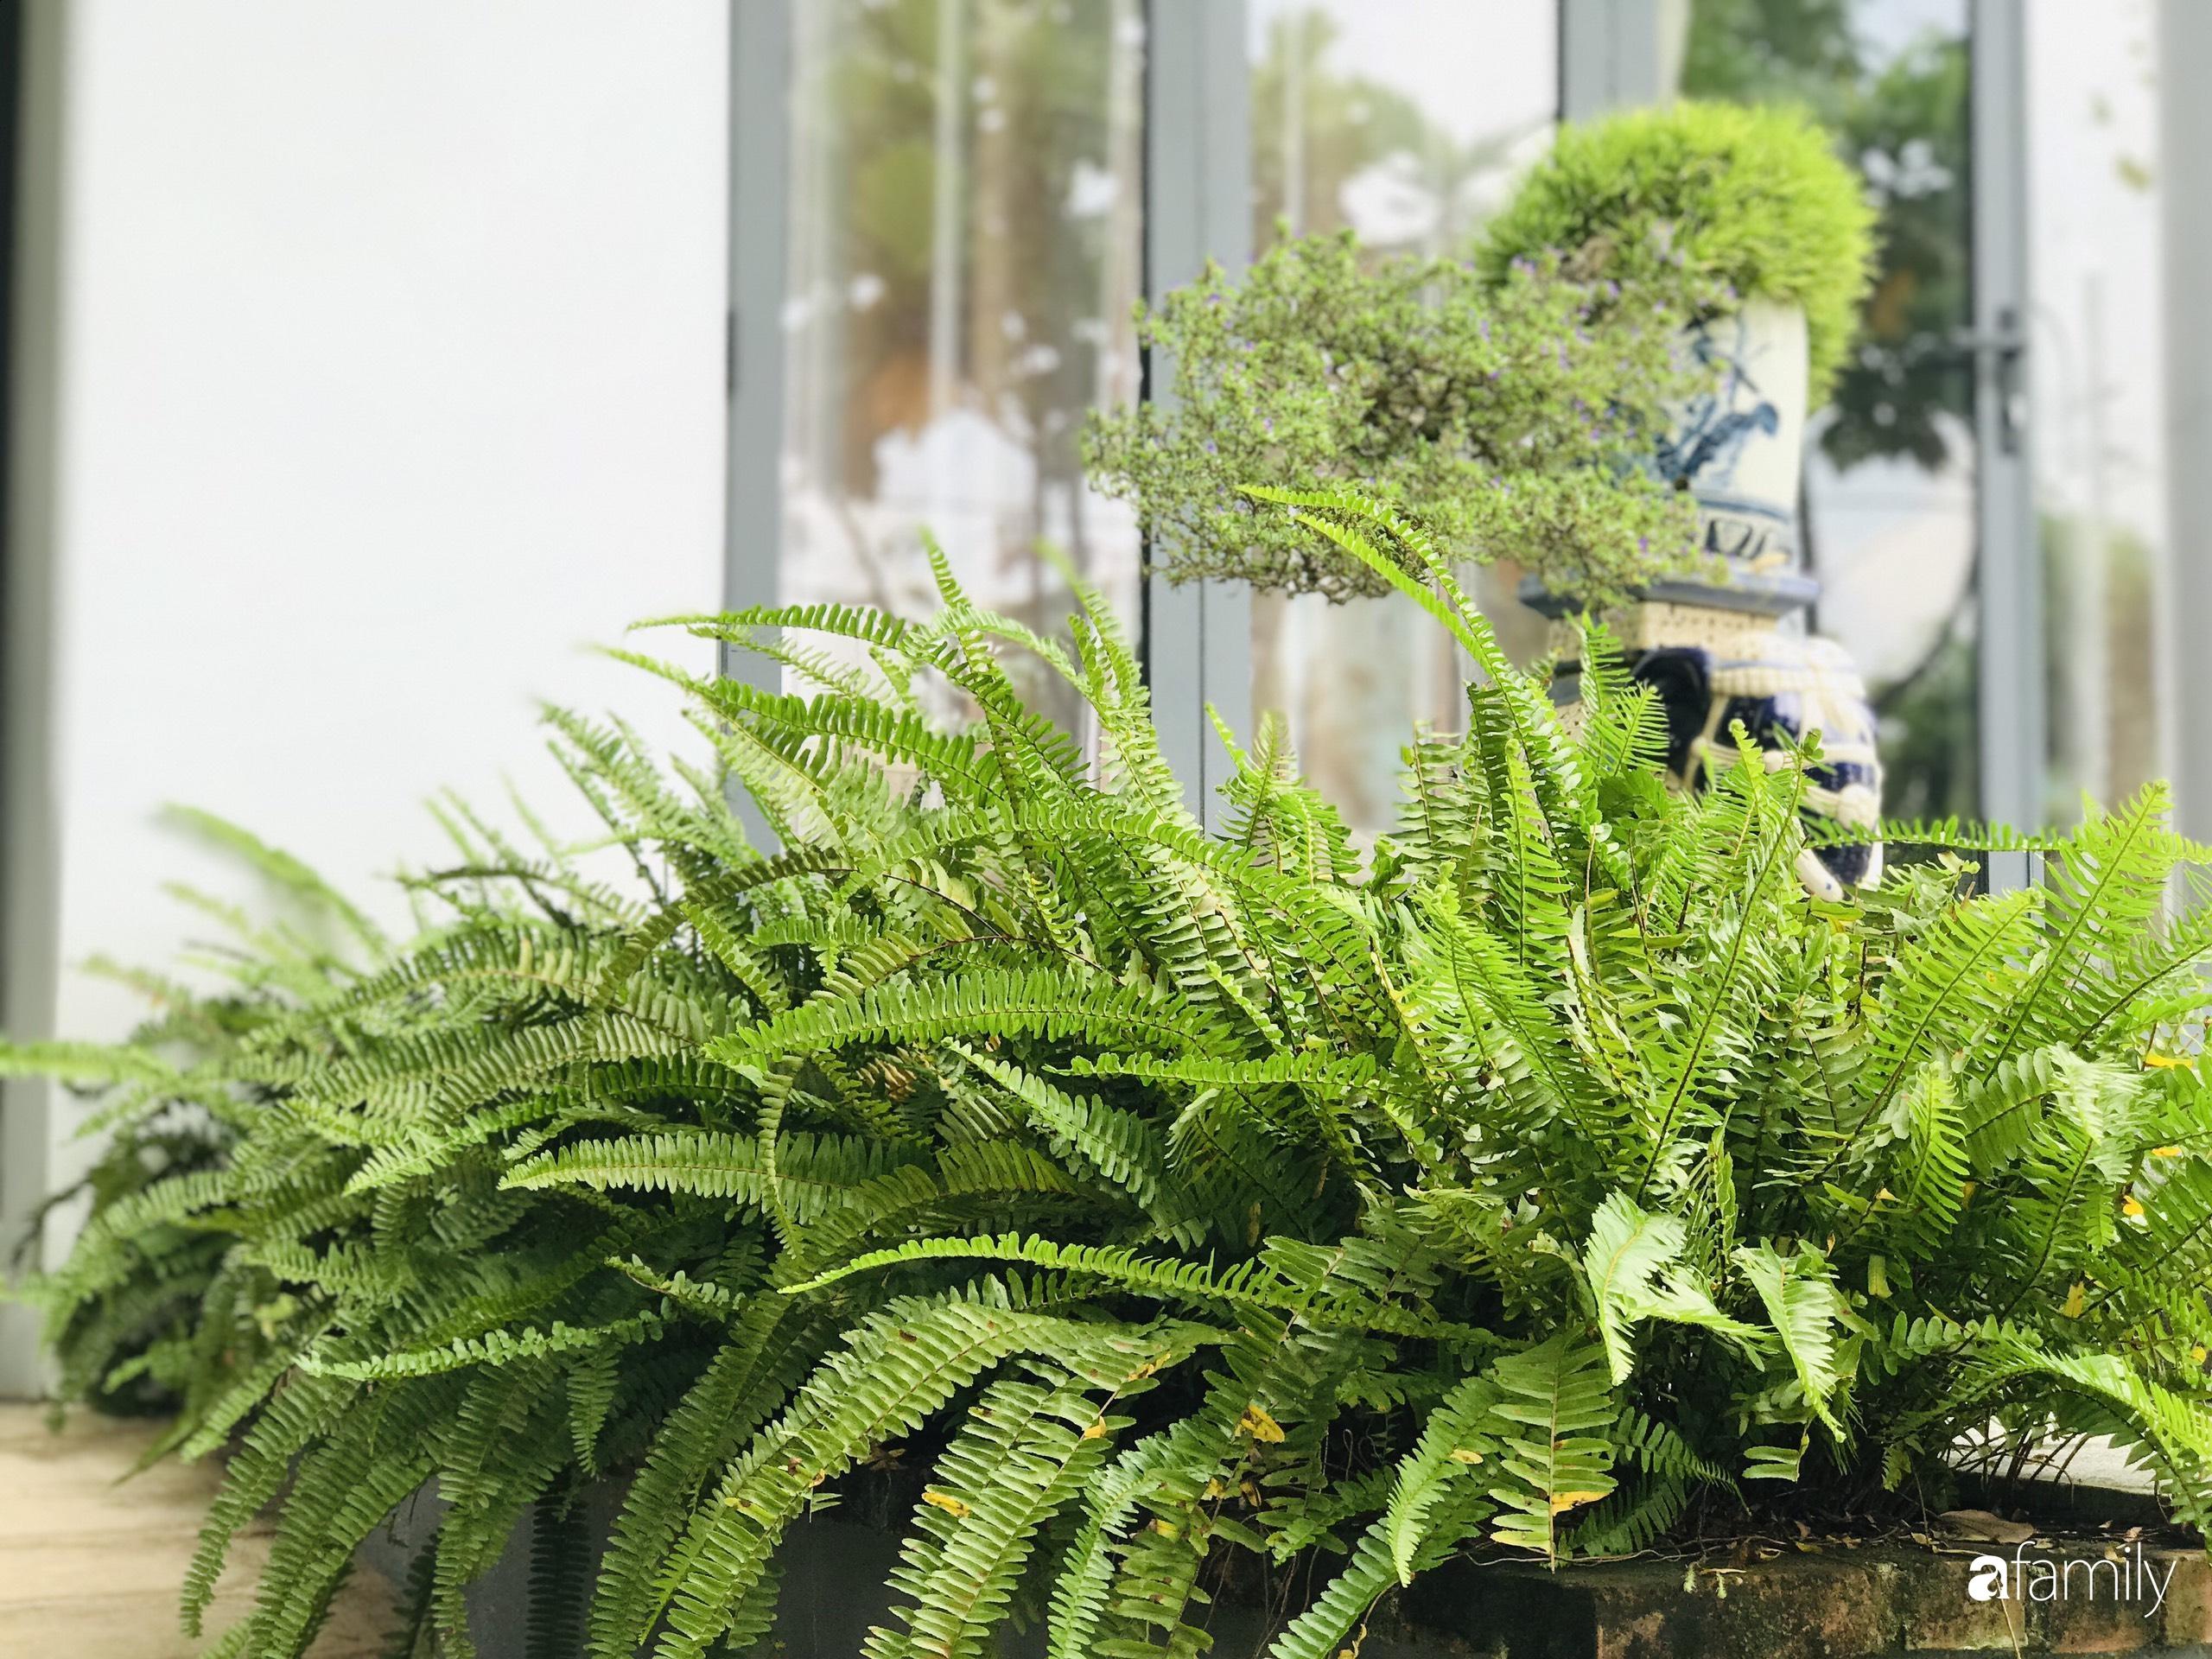 Chàng sinh viên kiến trúc tự decor vườn 200m² với cây xanh và ao cá cho gia đình 4 thế hệ ở ngoại ô Đà Nẵng - Ảnh 5.